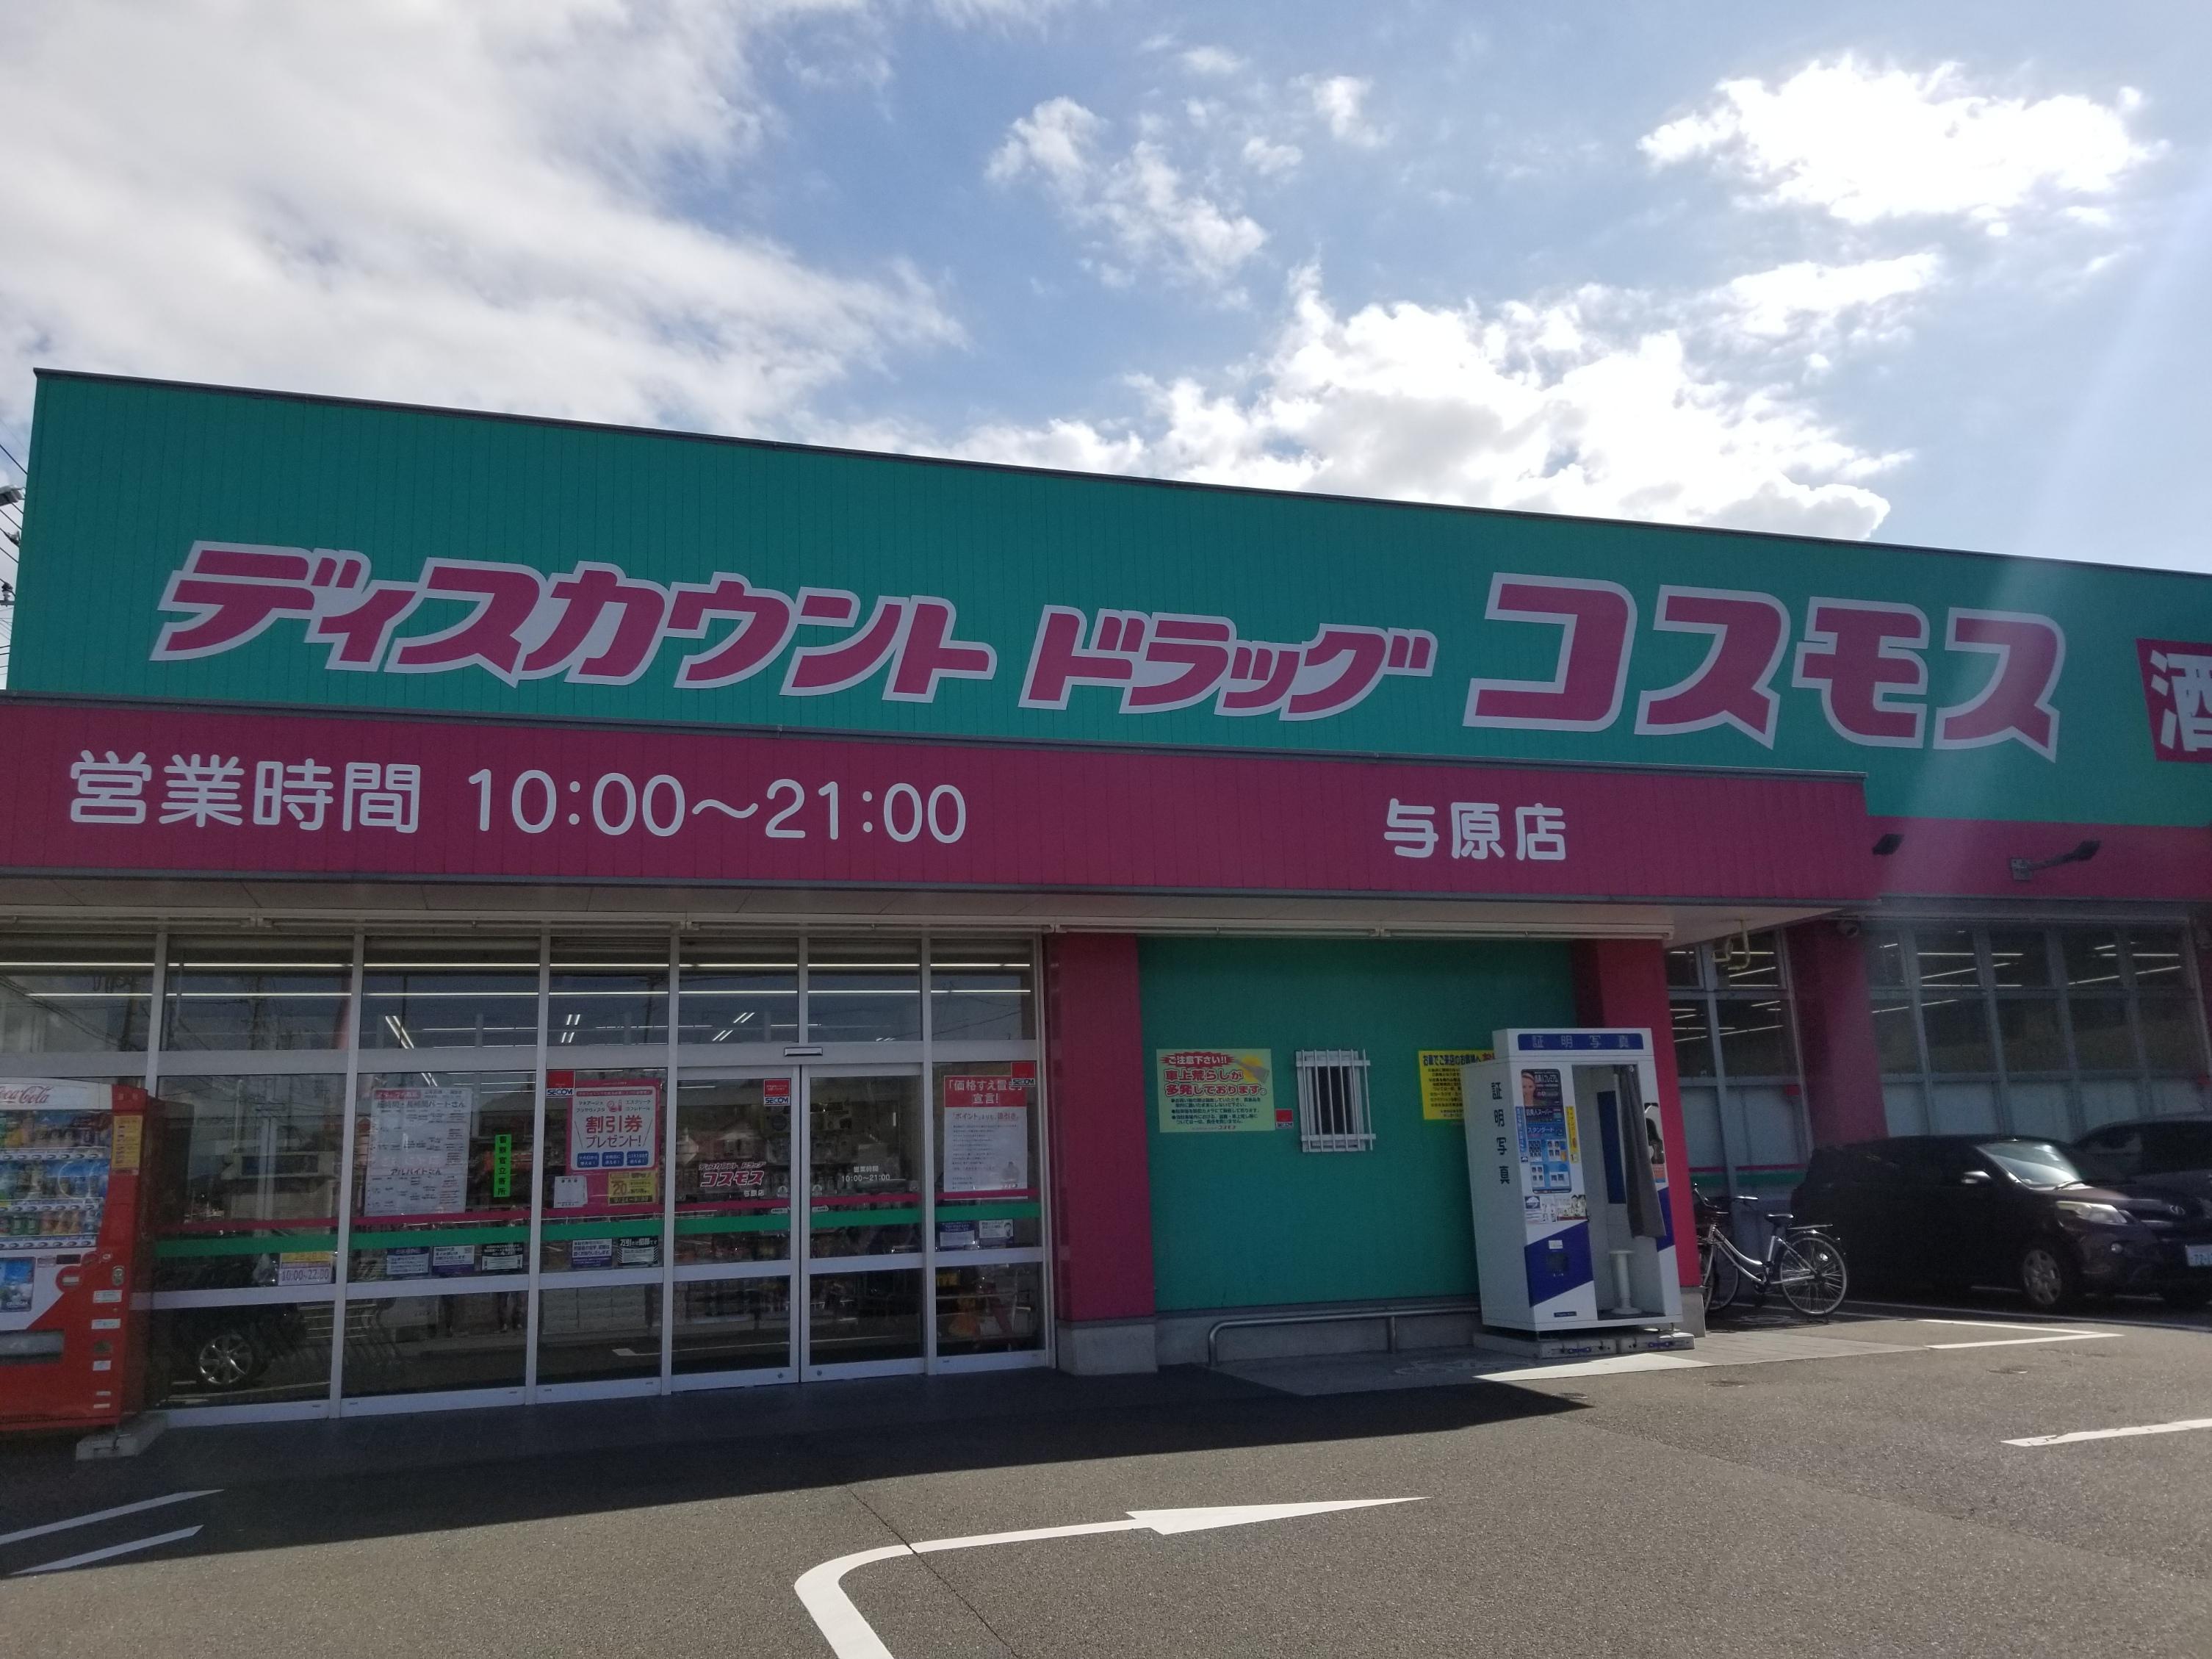 ドラッグストア:ディスカウントドラッグ コスモス 与原店 631m